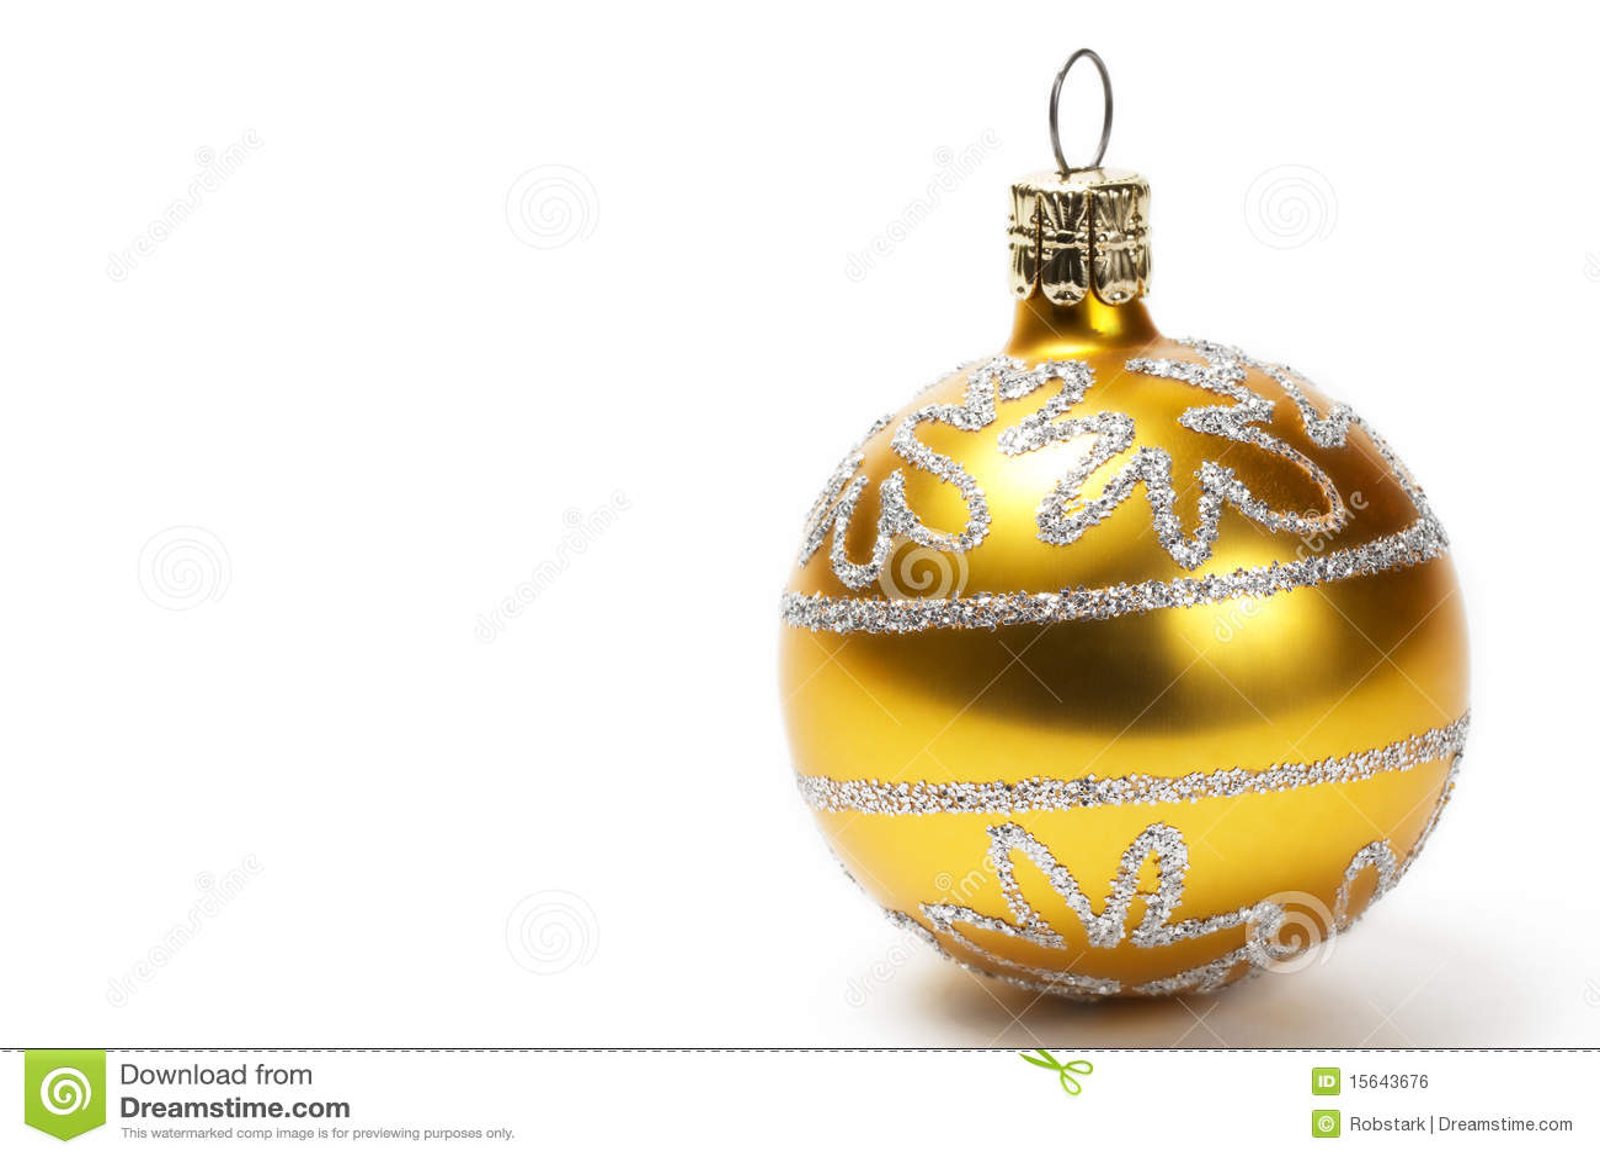 goldene weihnachtskugel mit funkelnsternen stockfoto bild von funkeln feiertag 15643676. Black Bedroom Furniture Sets. Home Design Ideas